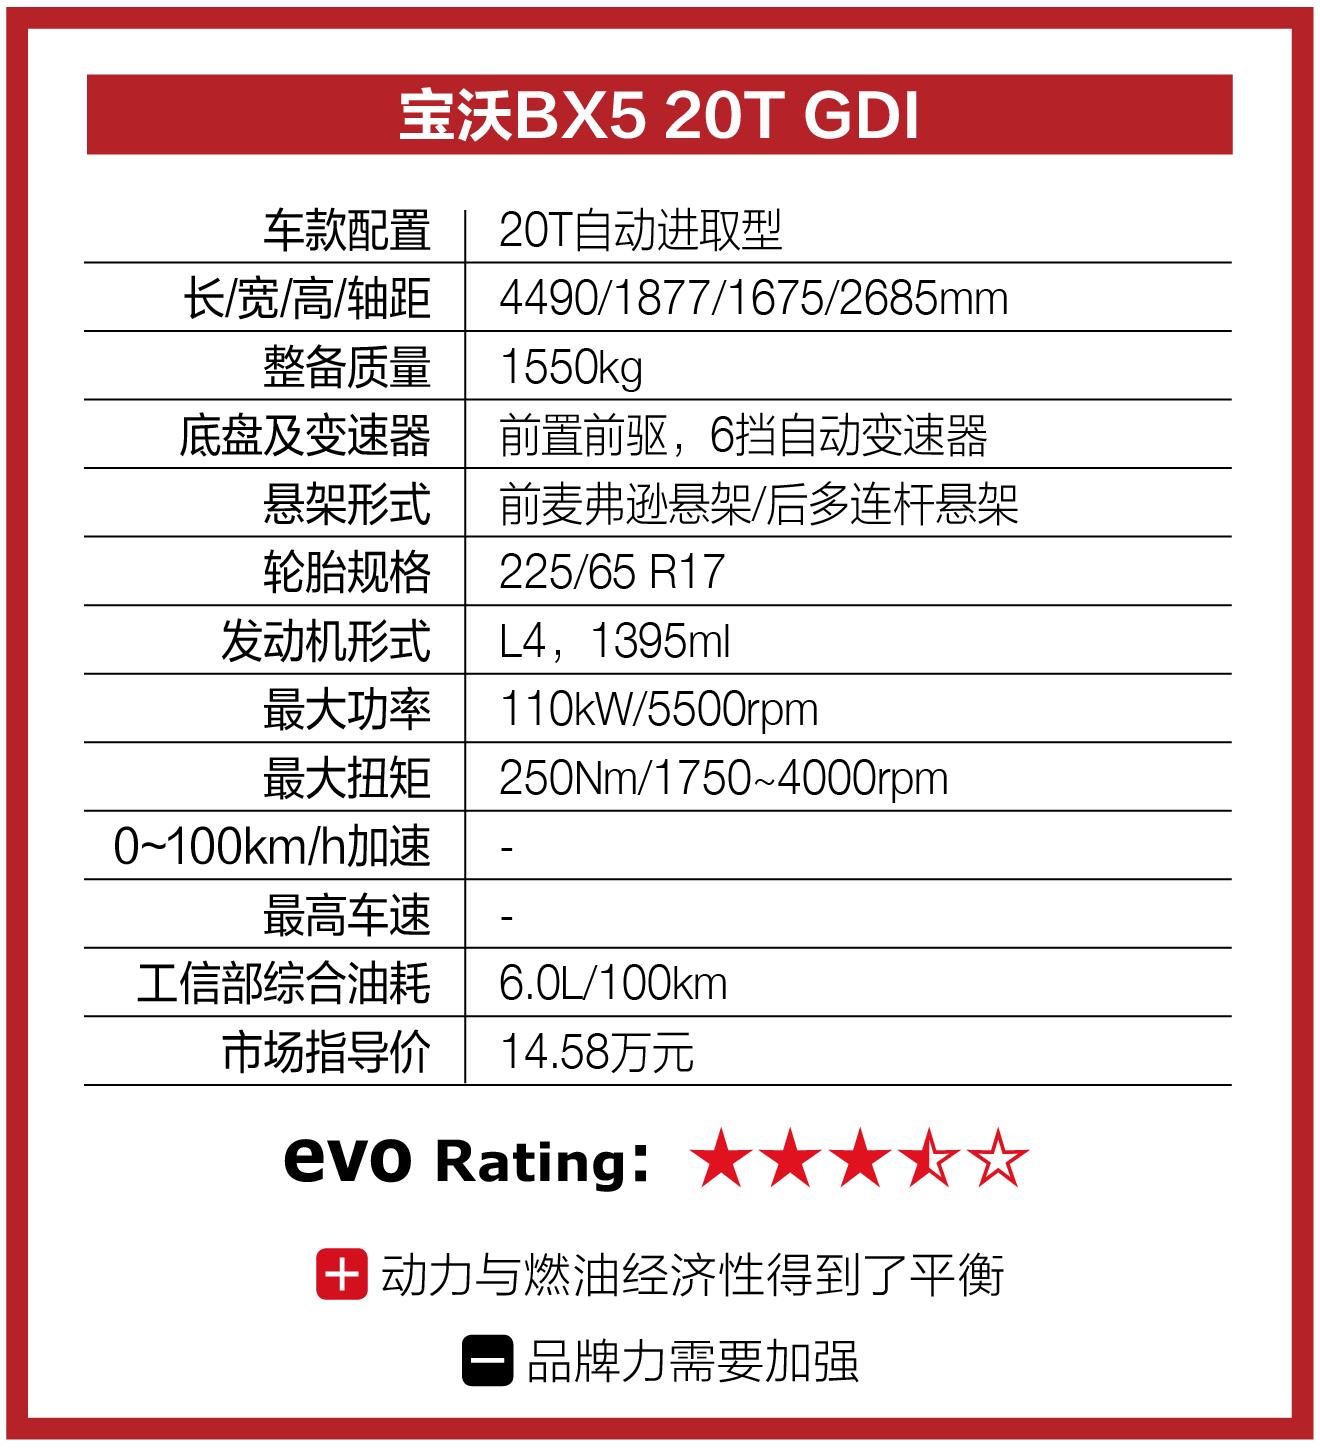 宝沃BX5 20T GDI | evo先锋试驾